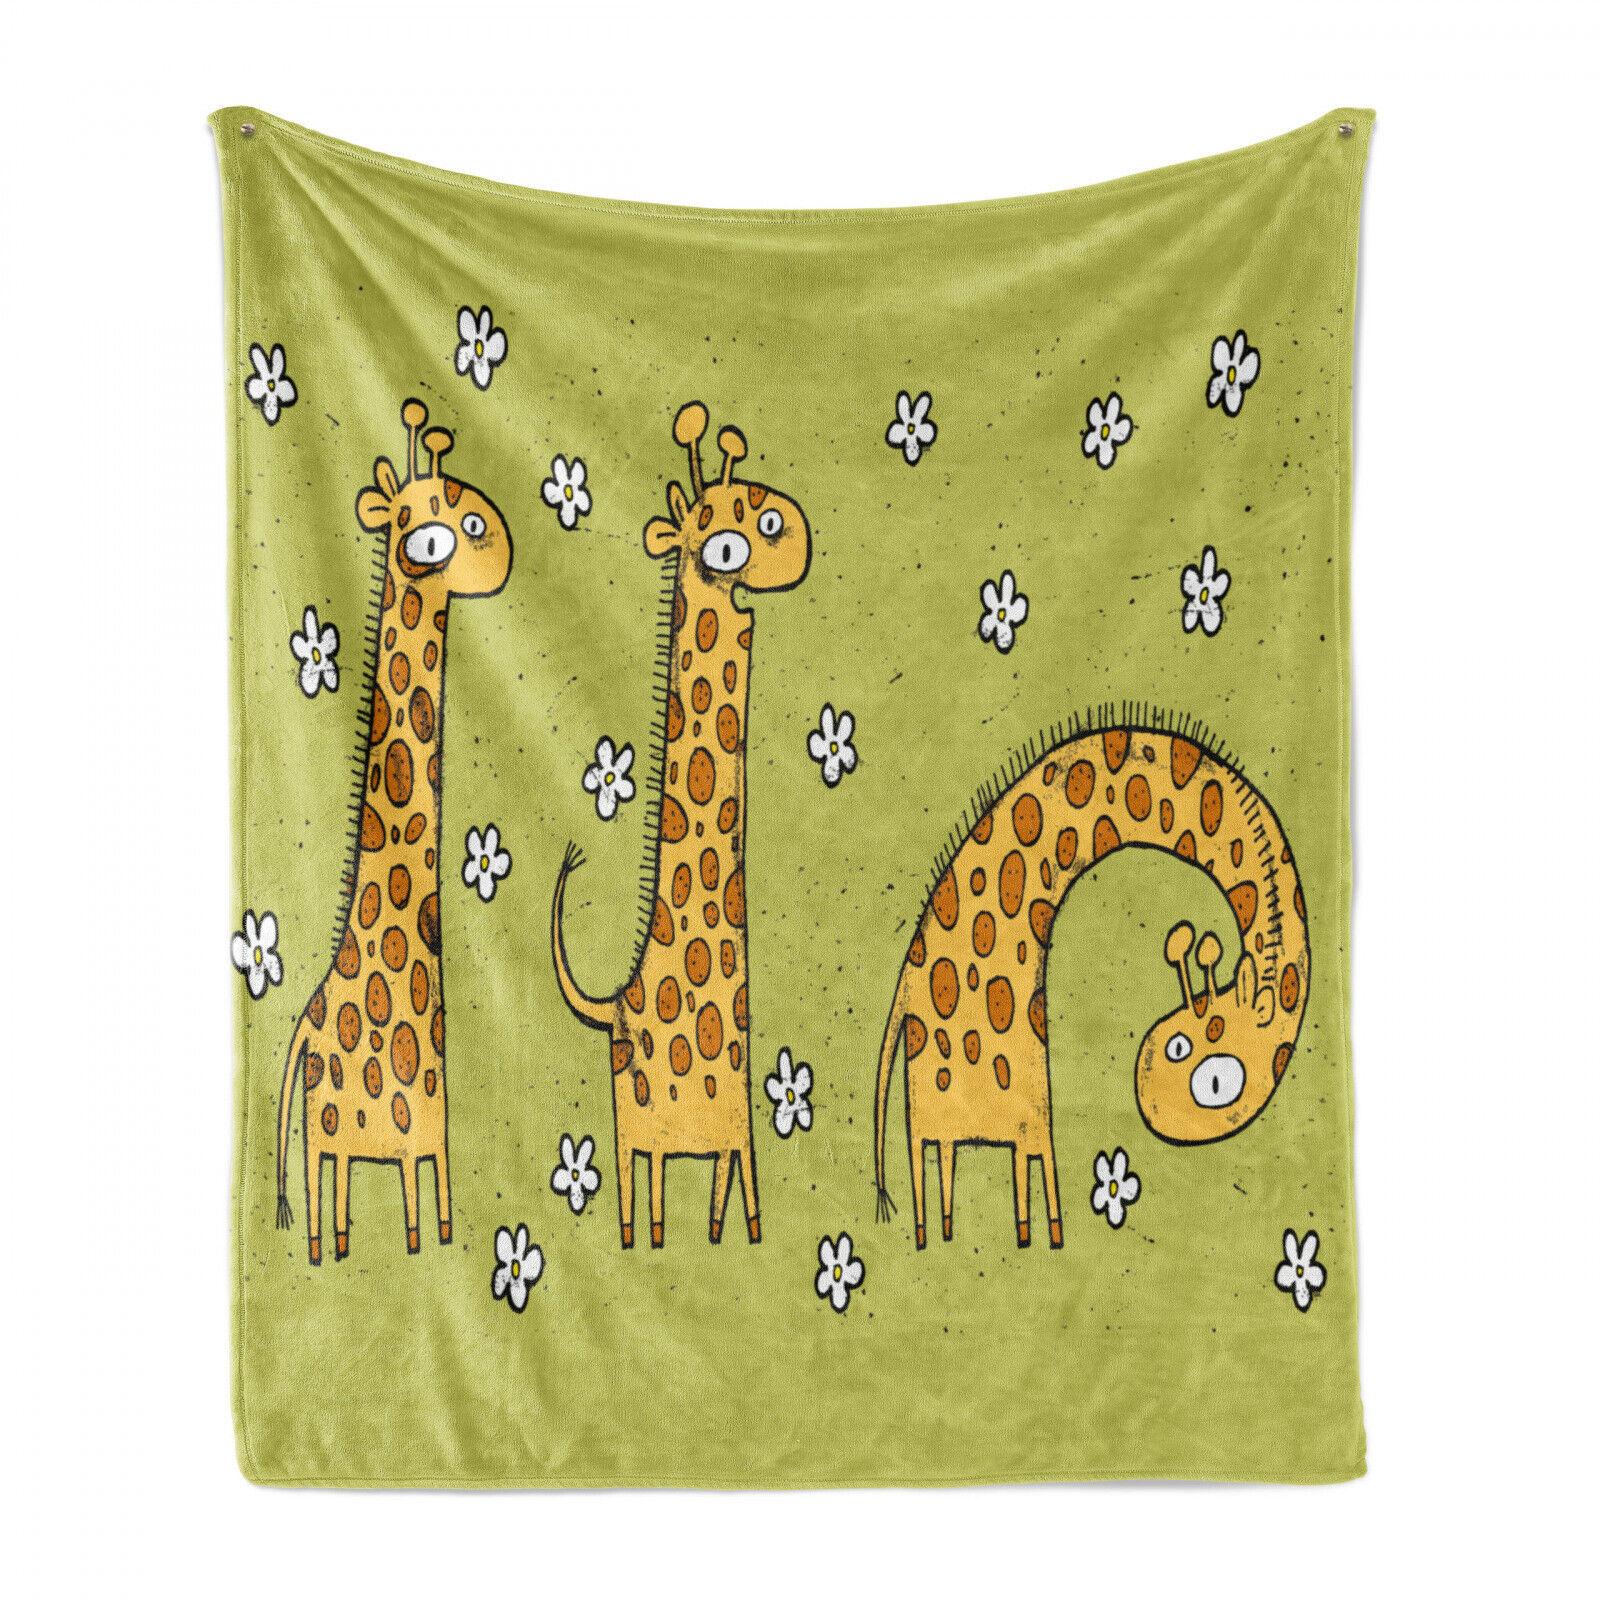 Animal Soft Flannel Fleece Blanket illustration of Giraffes